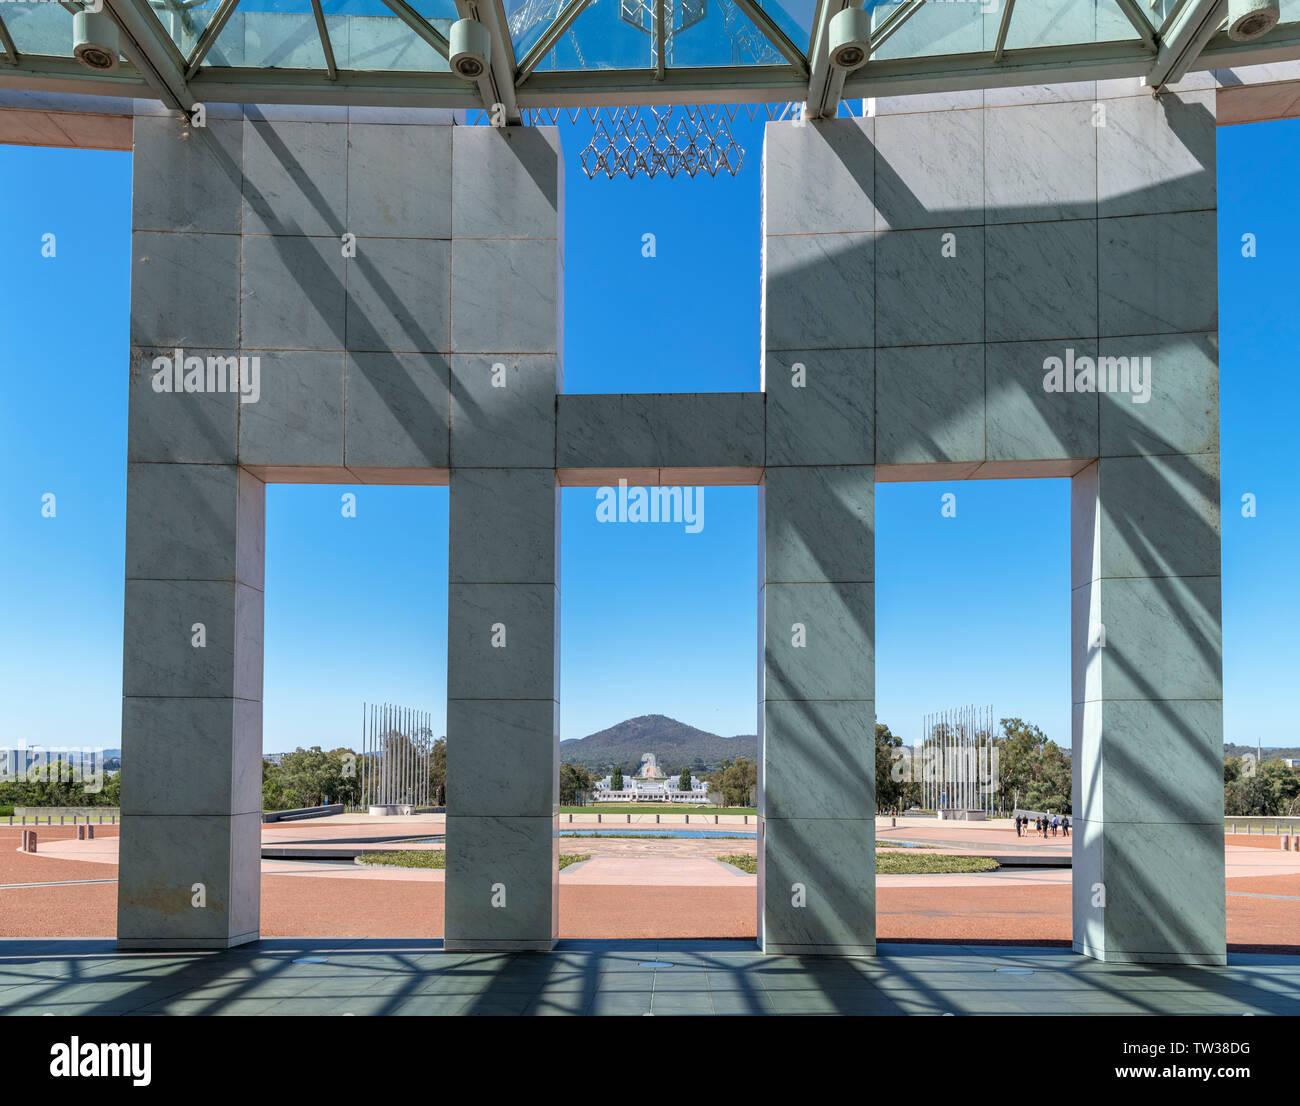 Vue vers l'ancien Parlement du nouveau Parlement, Capital Hill, Canberra, Territoire de la capitale australienne, Australie Banque D'Images